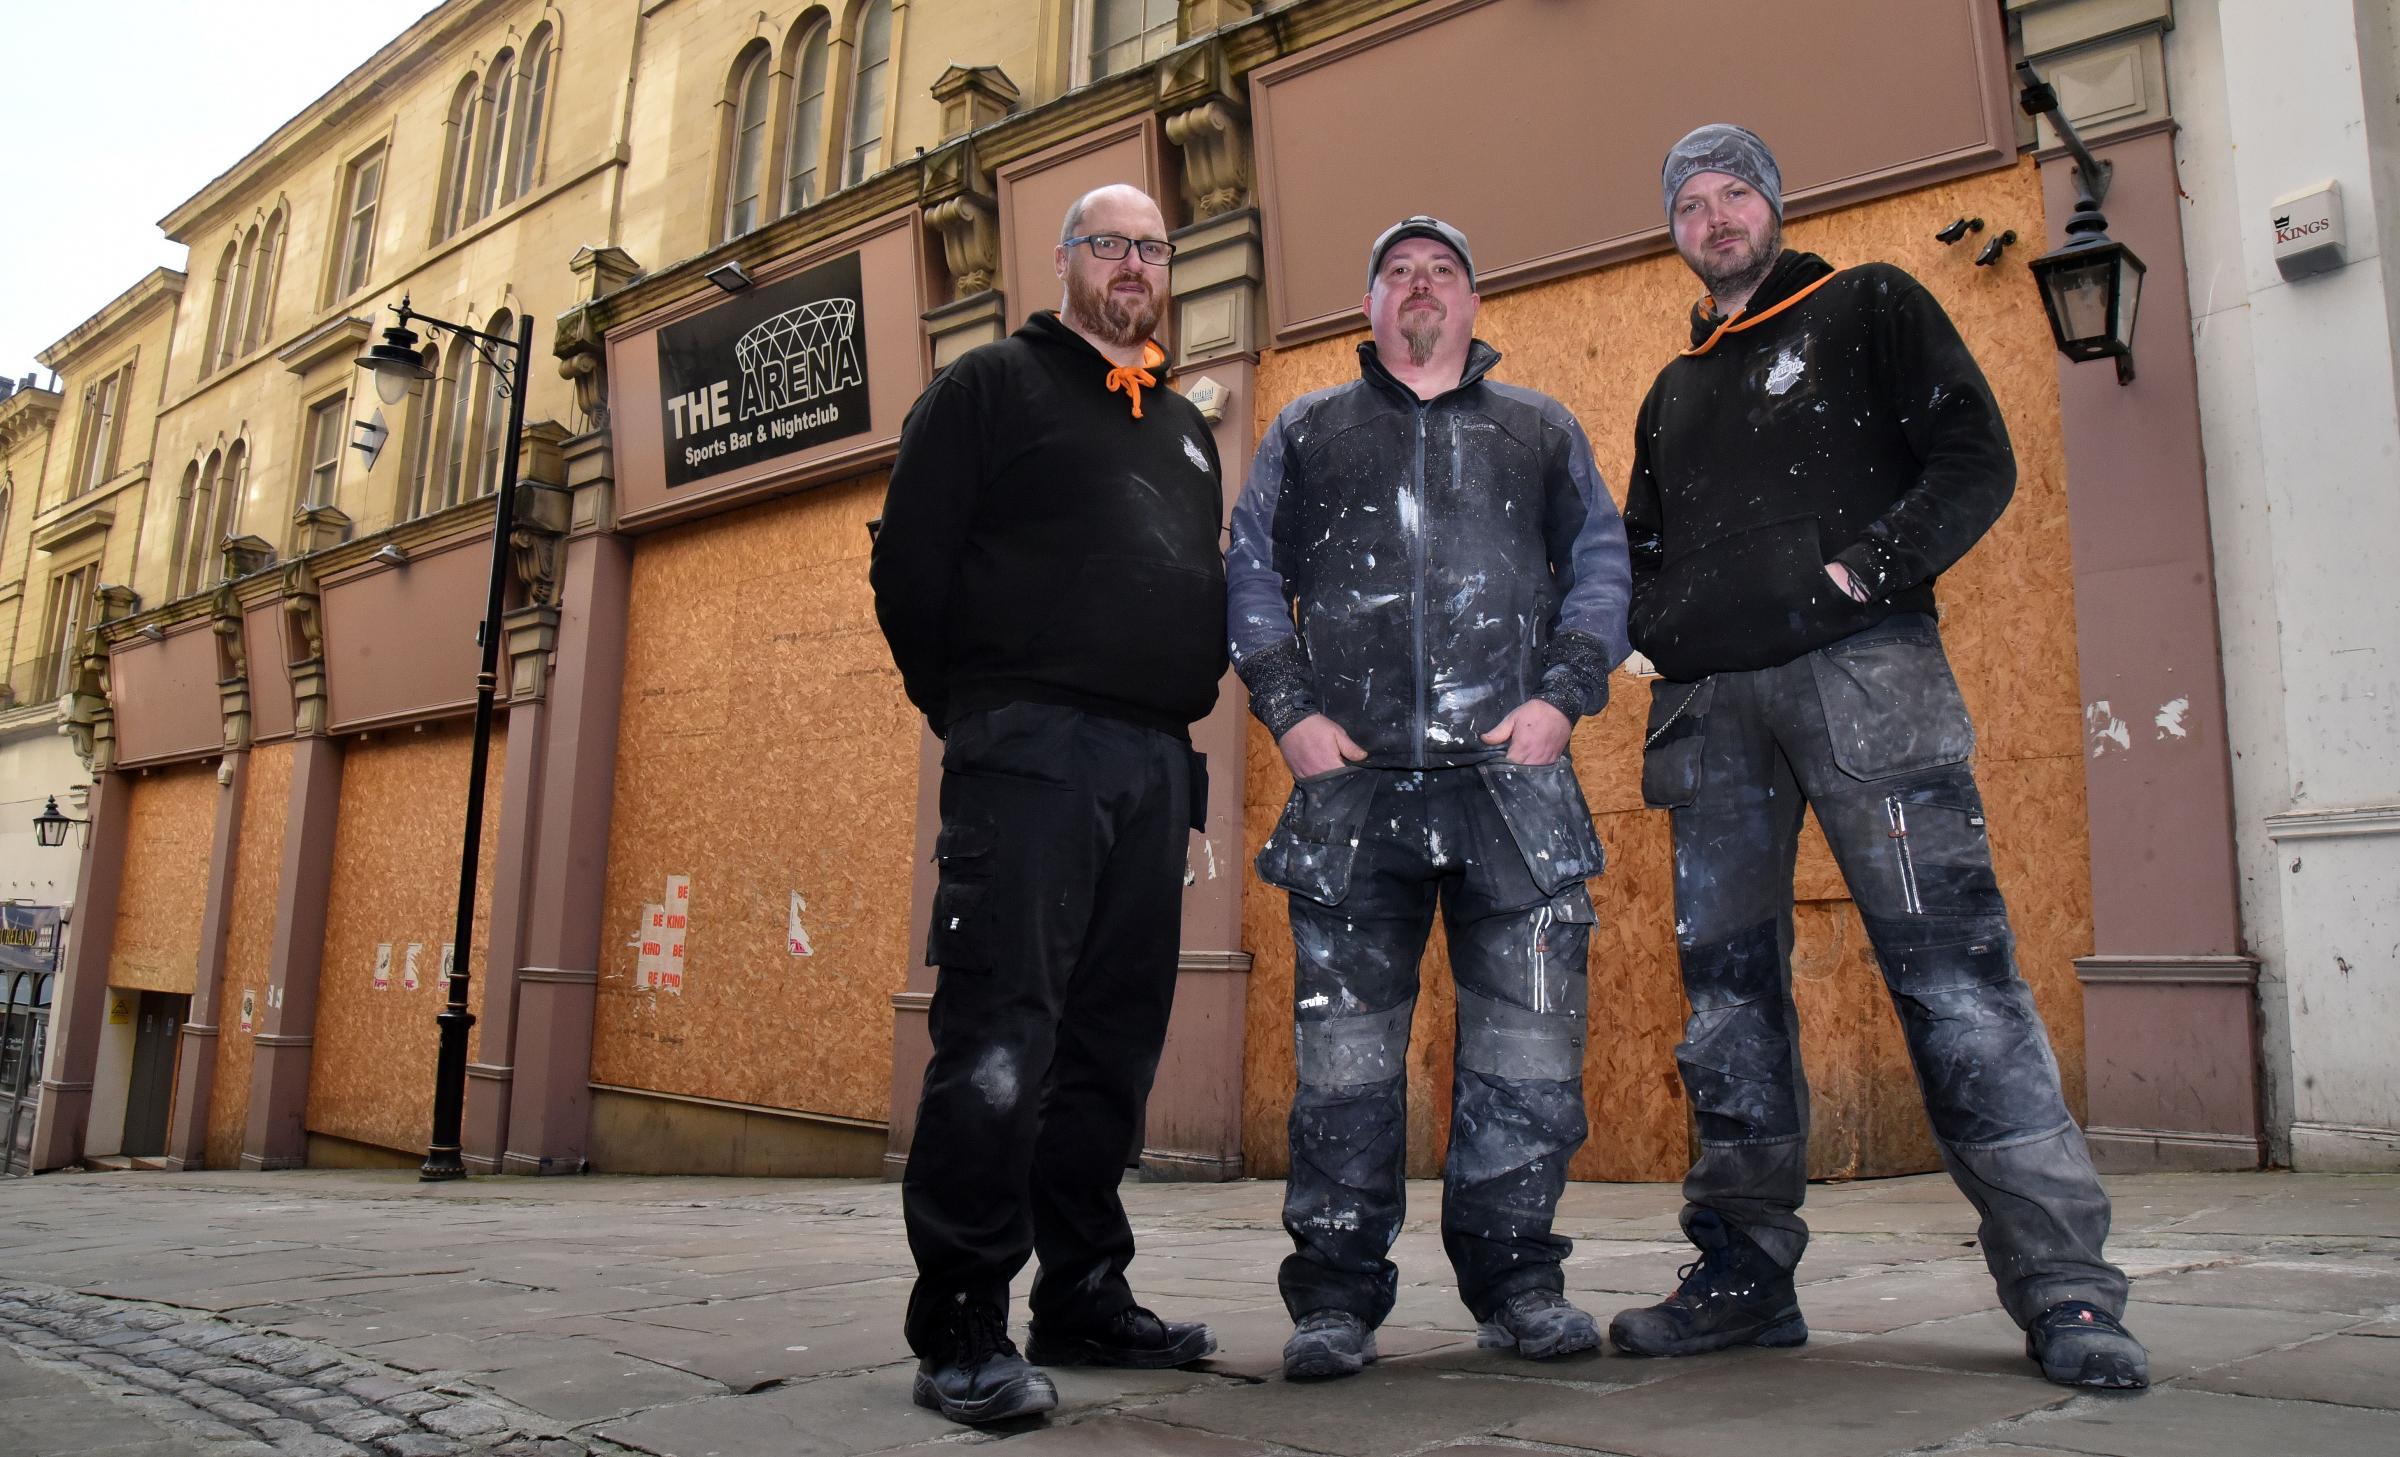 I'm on the Nightrain! New rock venue to open in Bradford city centre